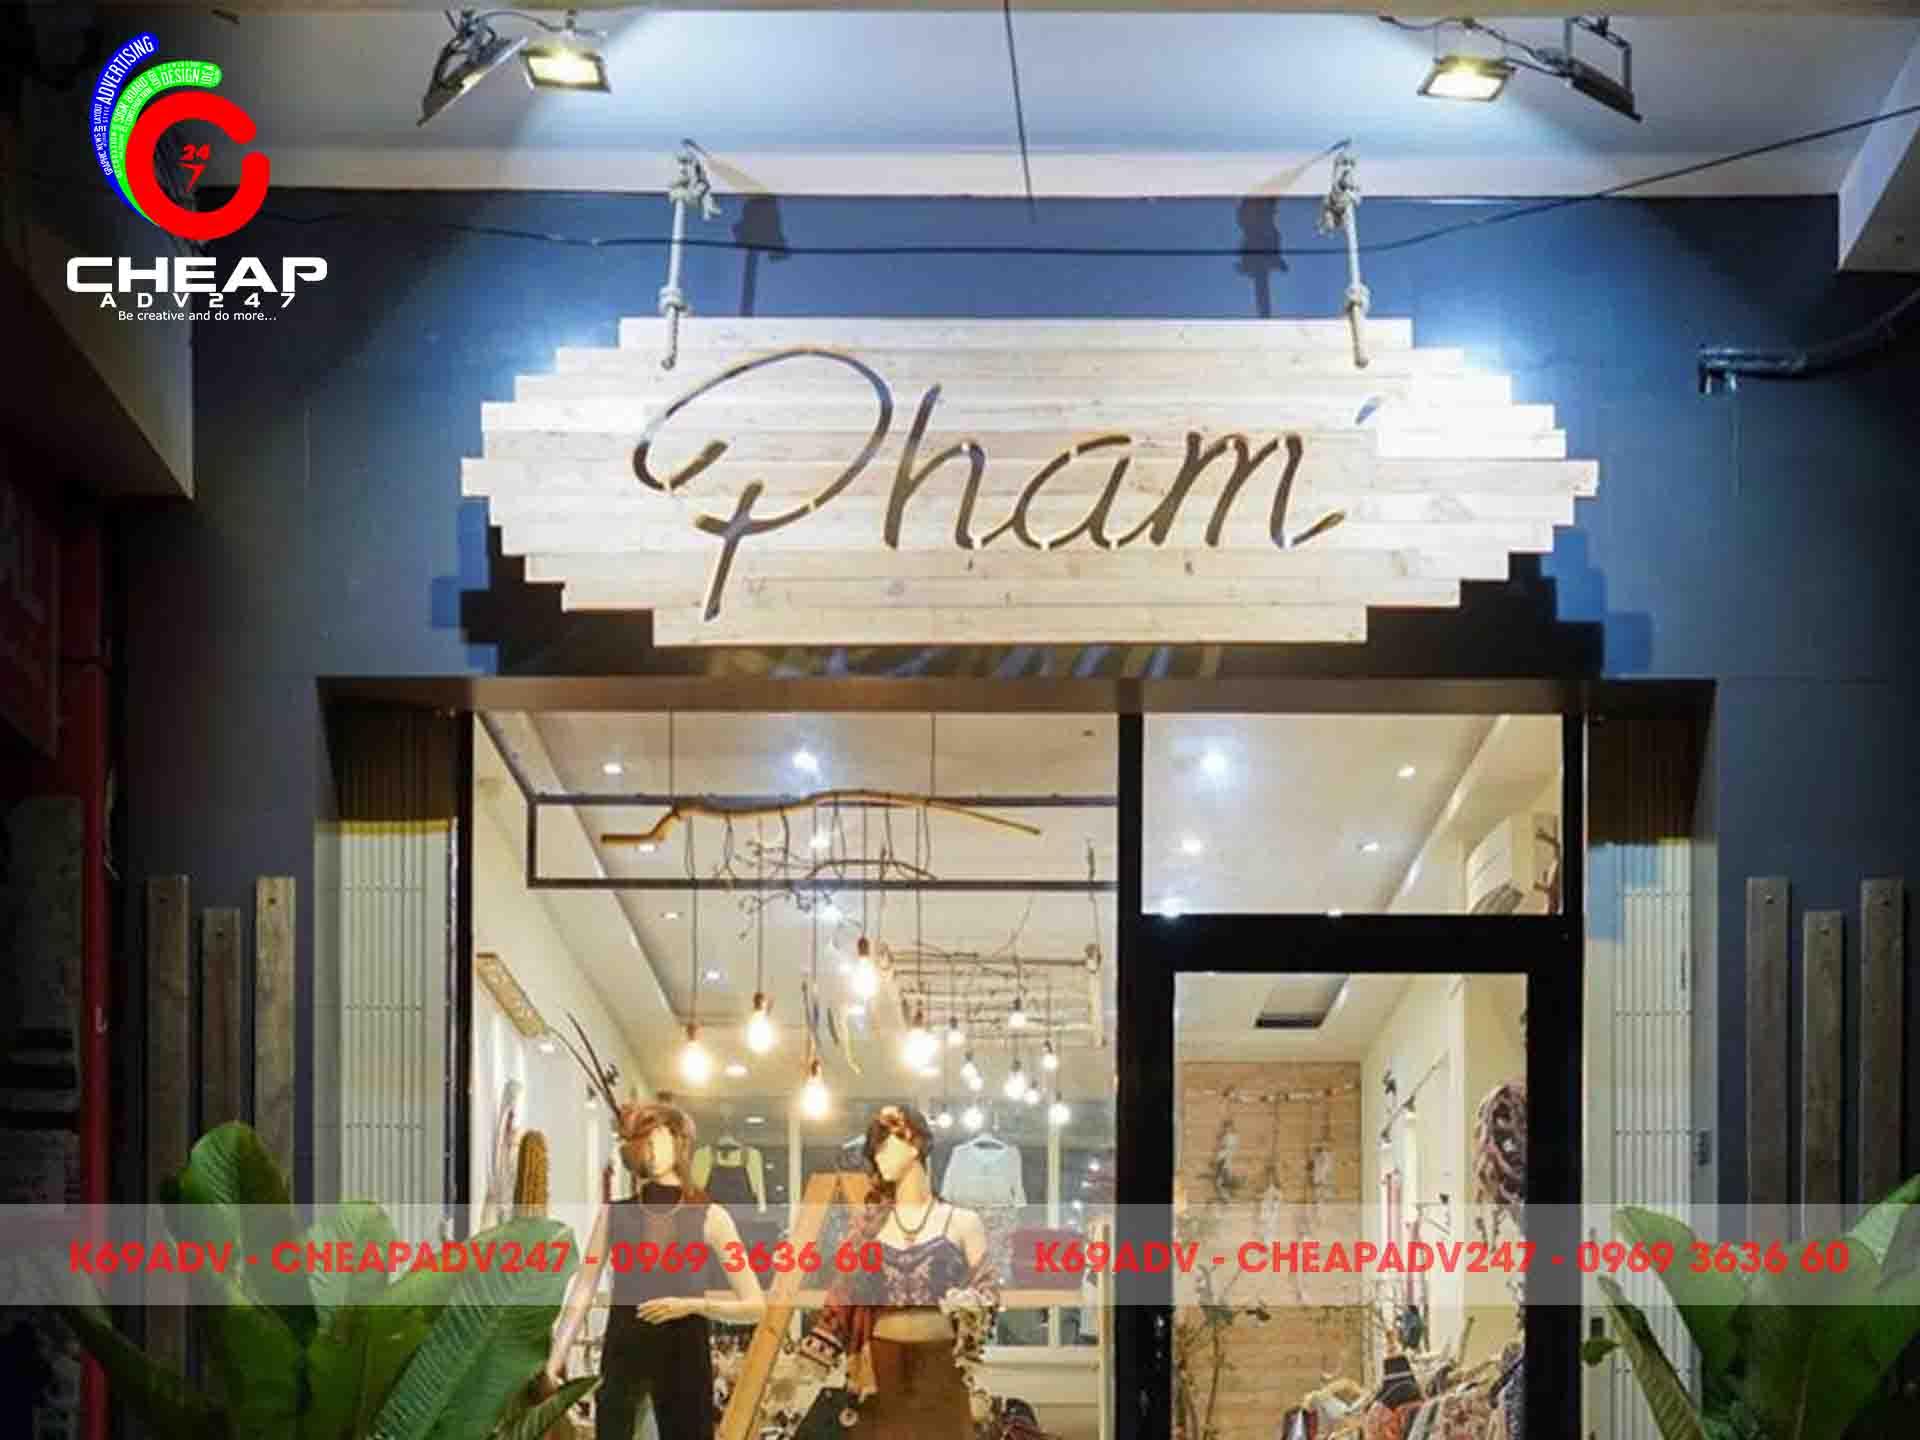 Cheapadv247 chuyên làm bảng hiệu shop thời trang uy tín - chất lượng - giá rẻ